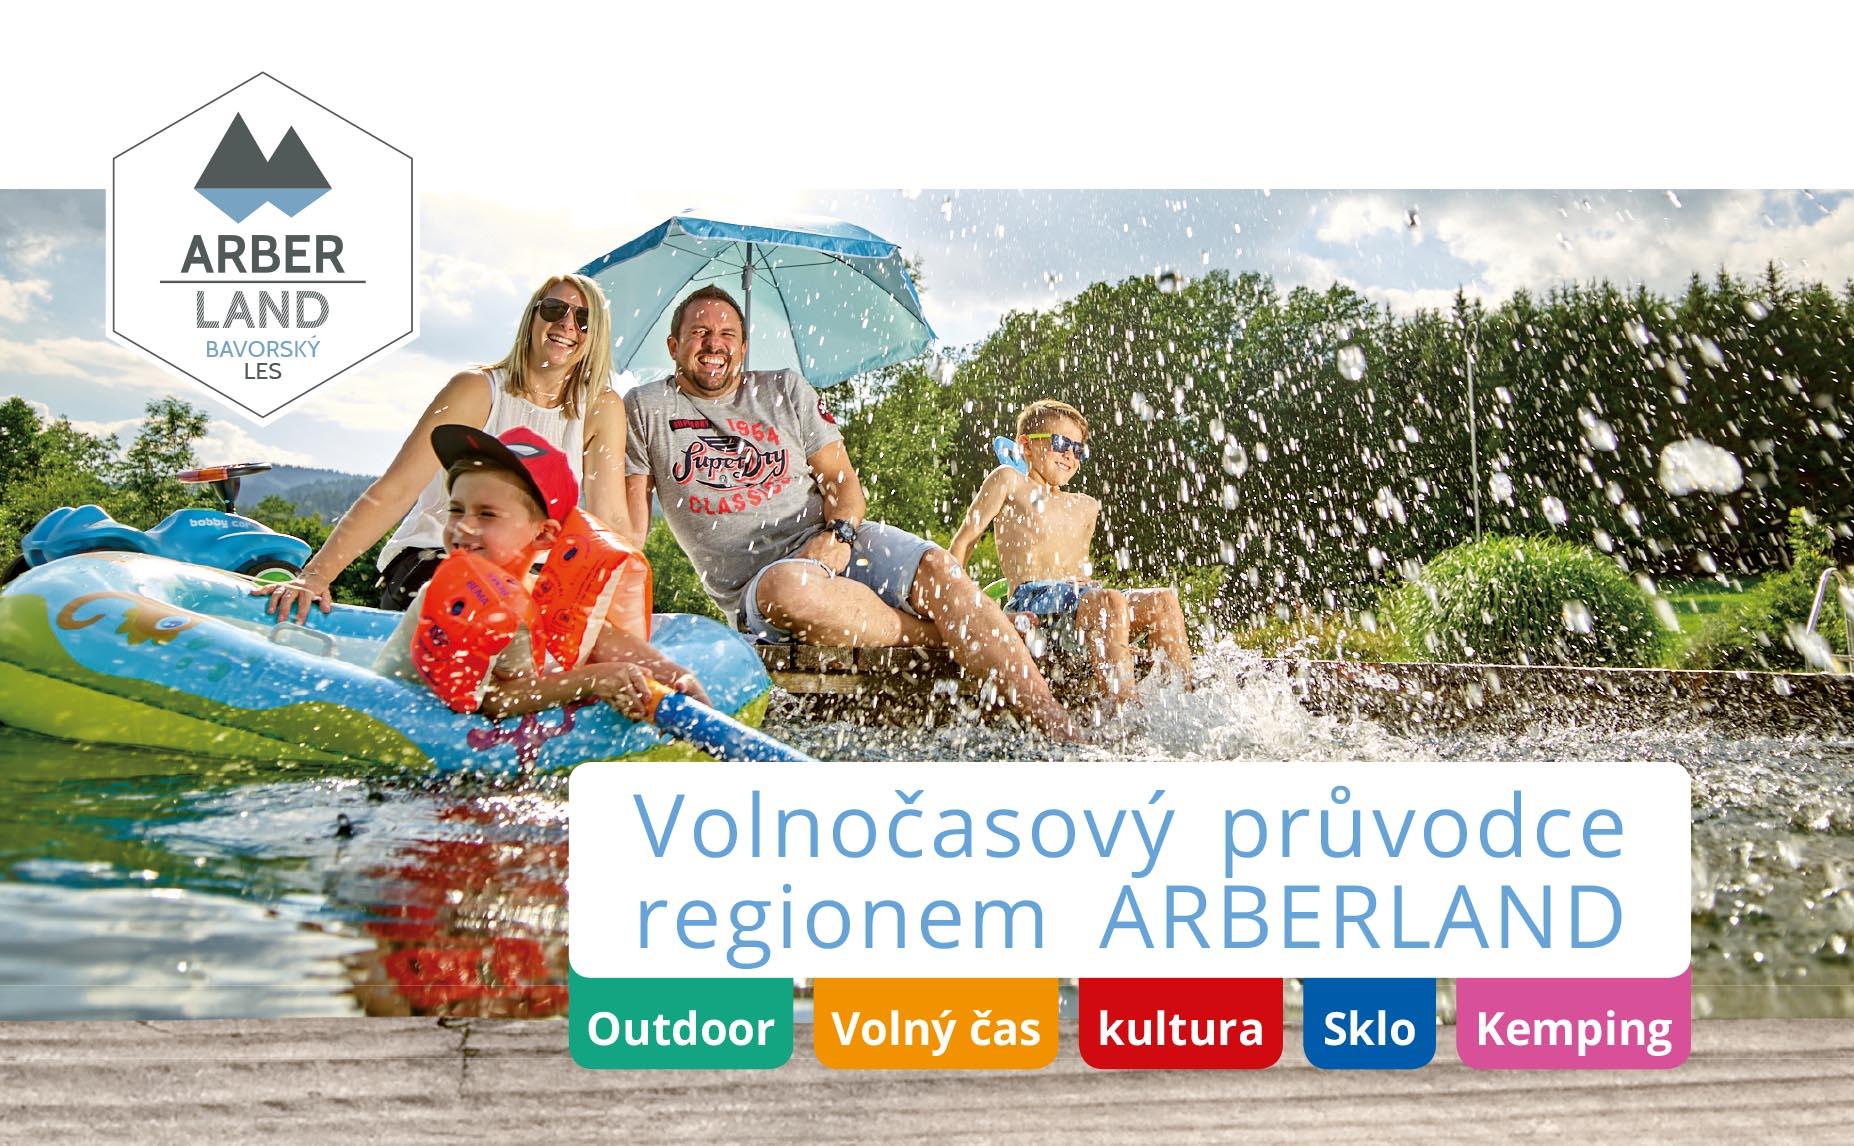 Freizeitführer ARBERLAND (tschechisch) Foto: ARBERLAND REGio GmbH